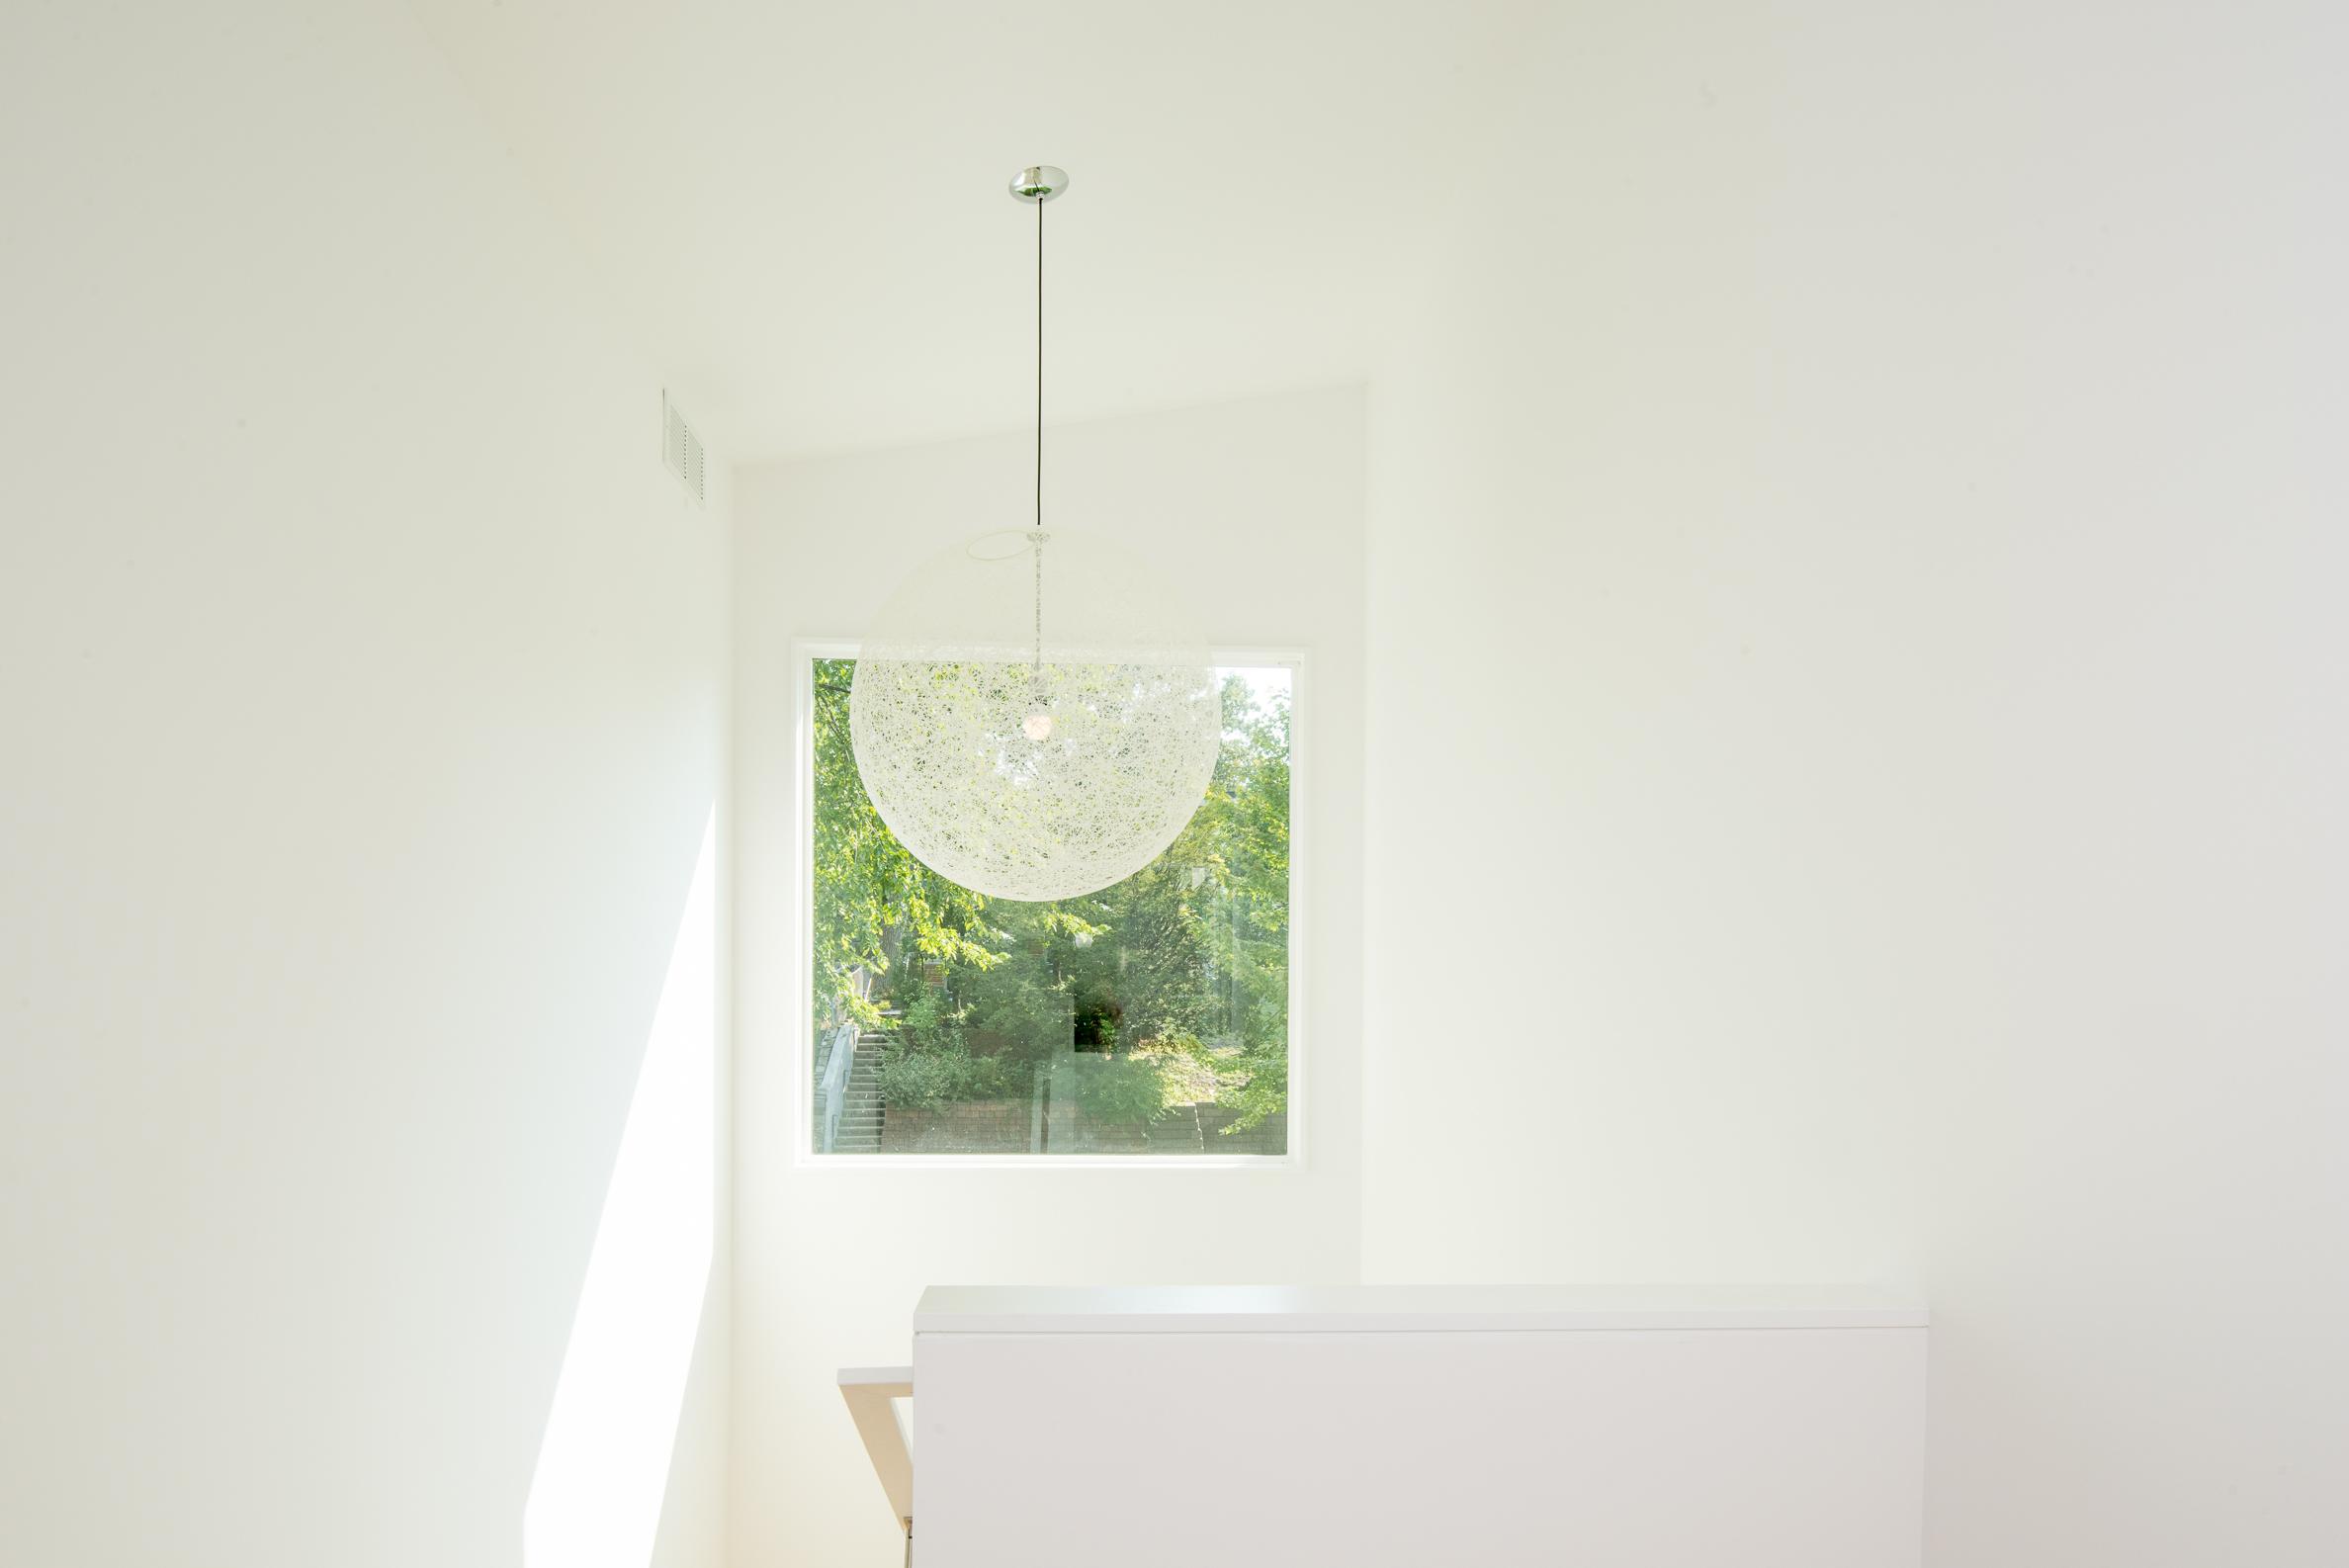 White stair atrium with modern chandelier